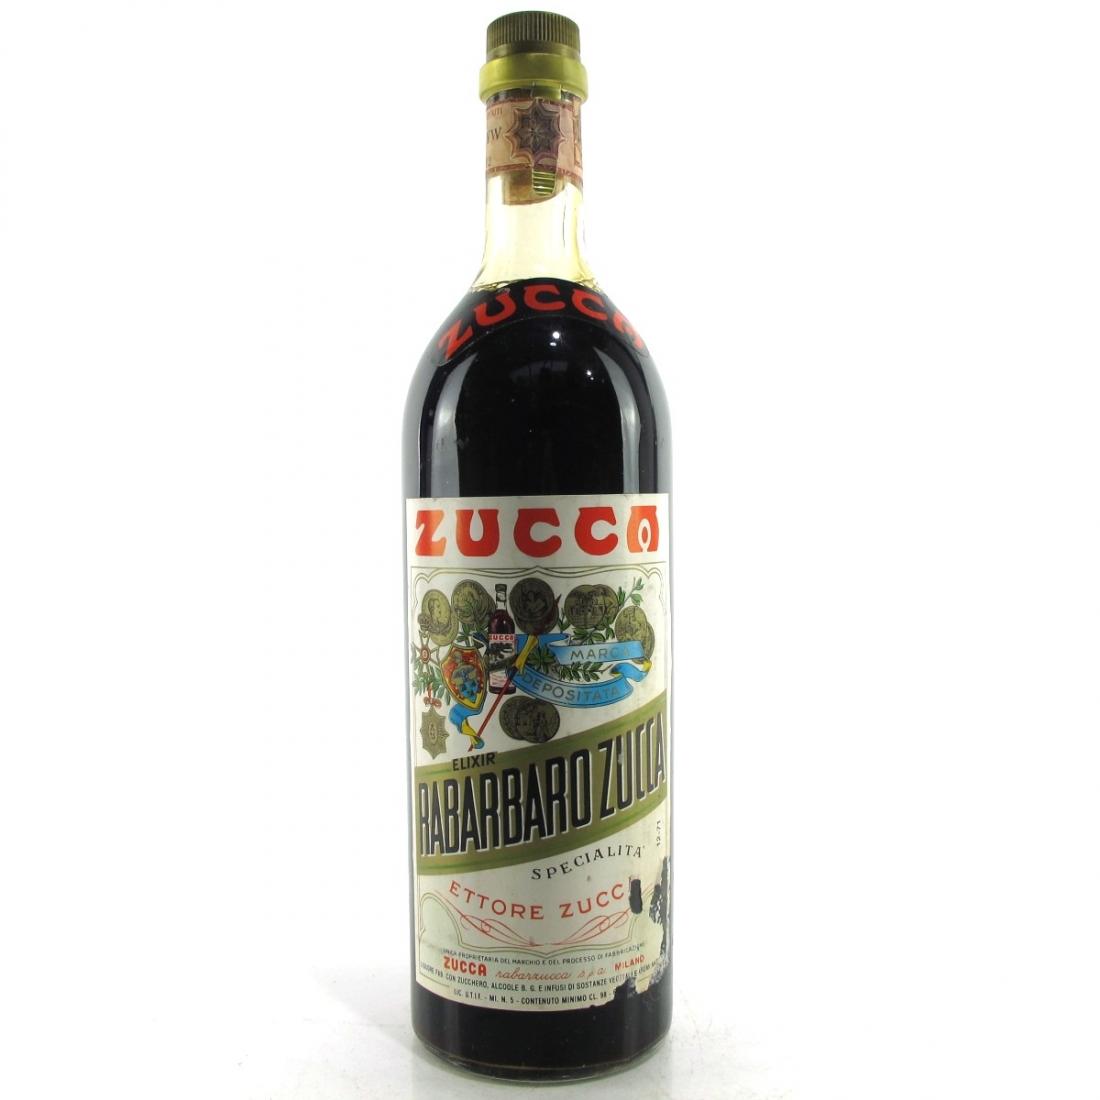 Zucca Elixir Rabarbaro 1970s